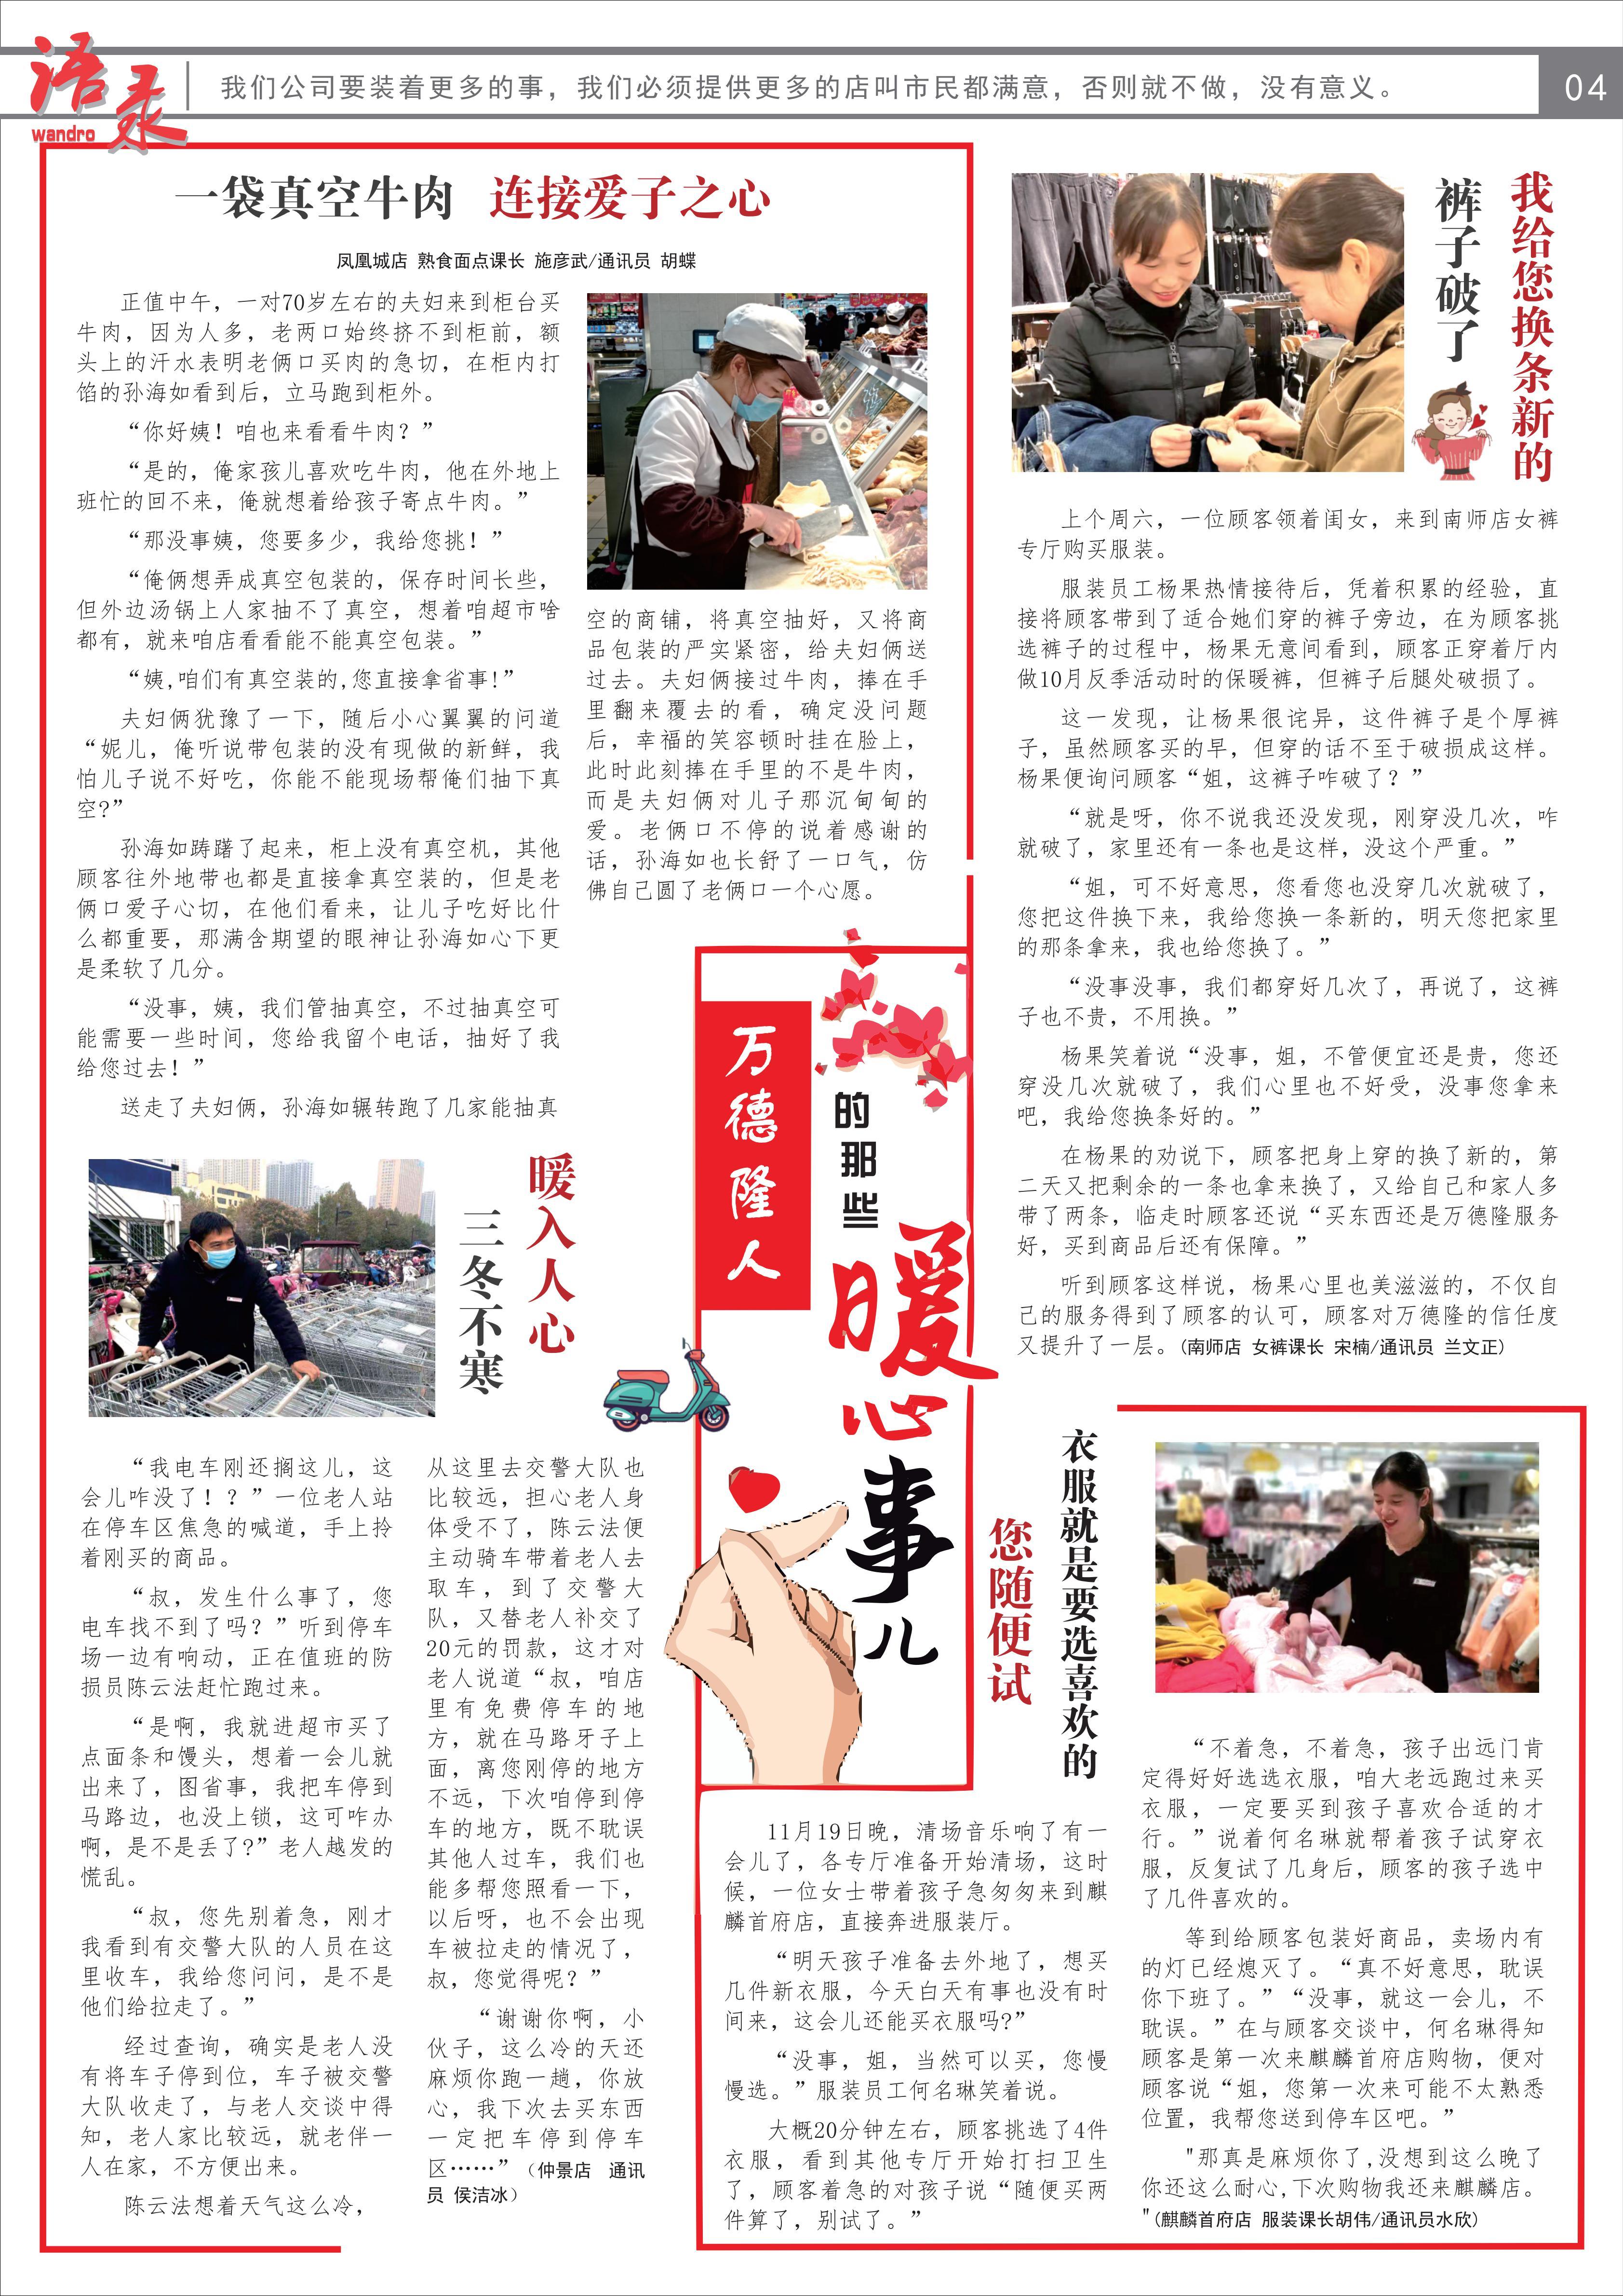 家园快讯第1028期_03.jpg